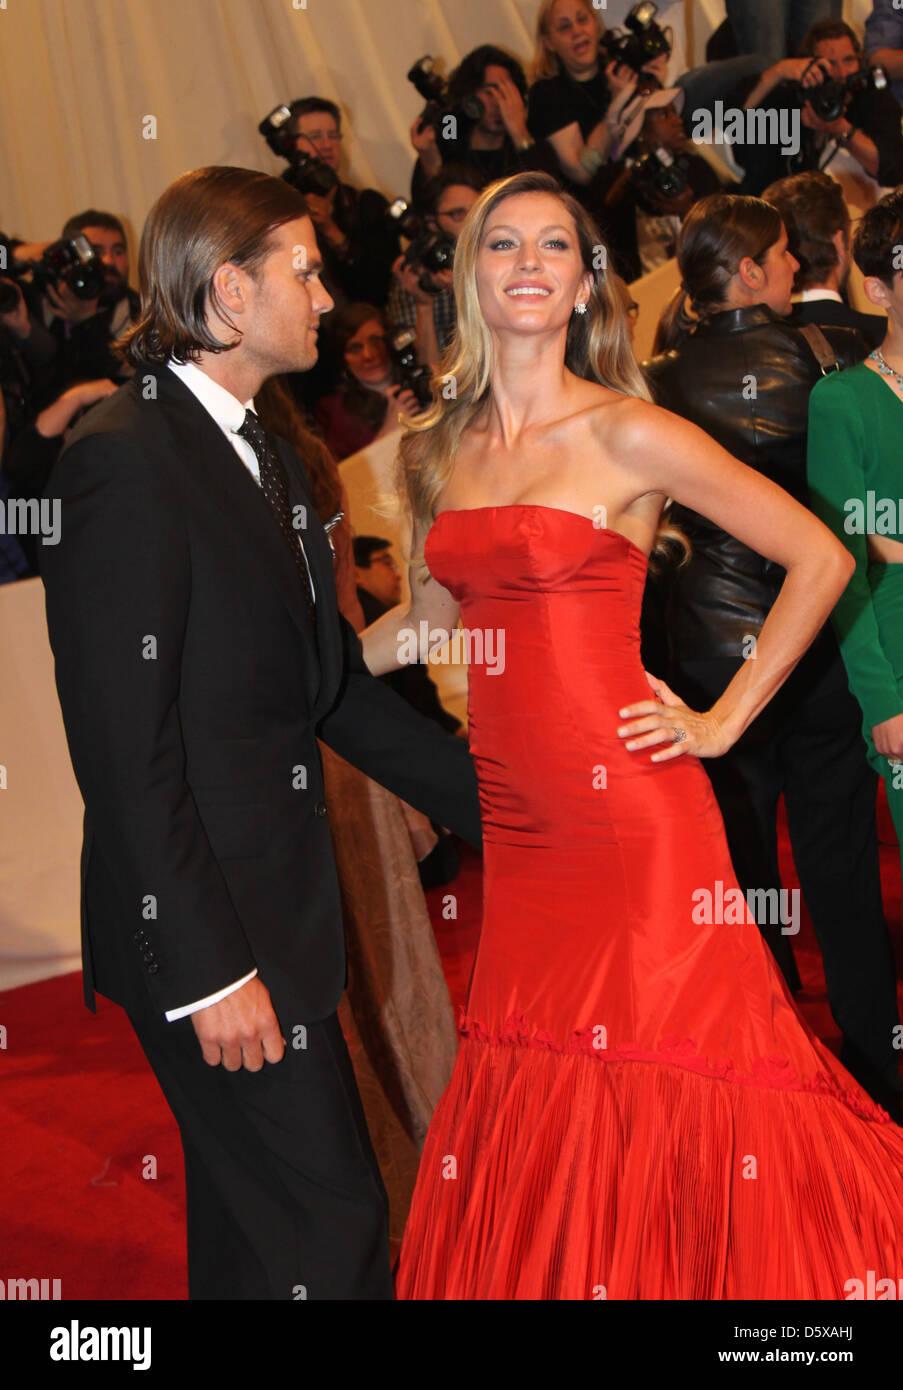 Tom Brady, Gisele Bundchen Alexander McQueen: 'Savage Beauty